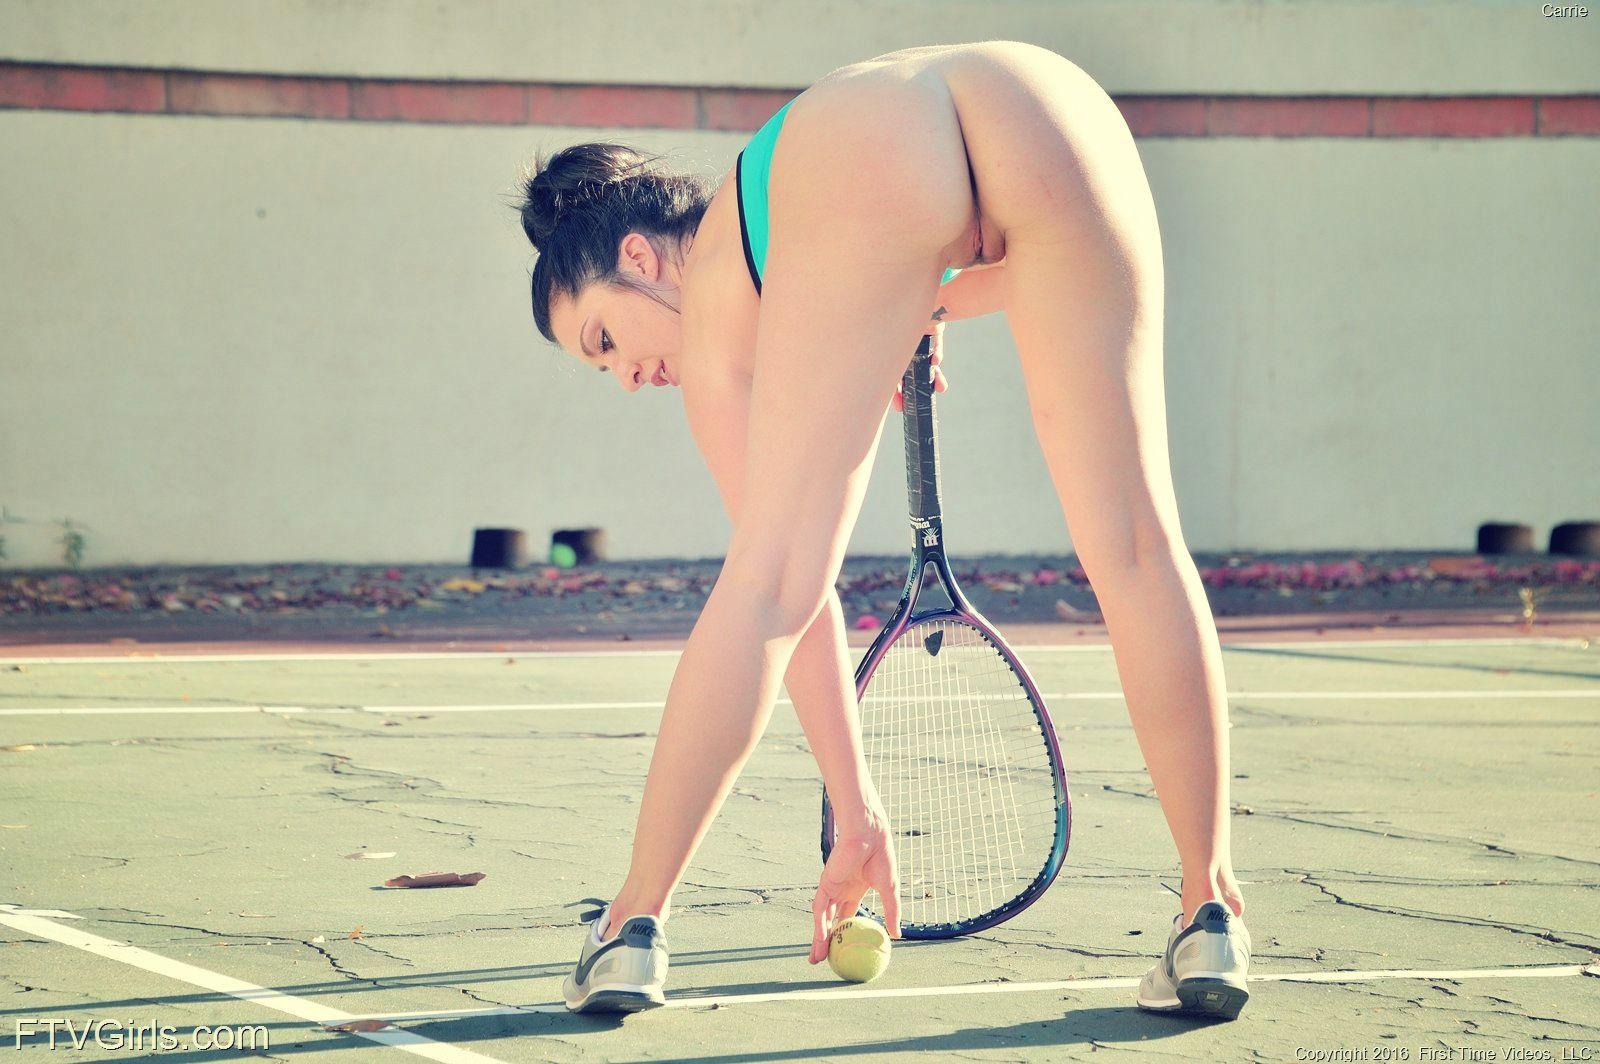 Случайные фото голых спортсменок, Откровенные позы симпатичных спортсменок (70 фото) 13 фотография